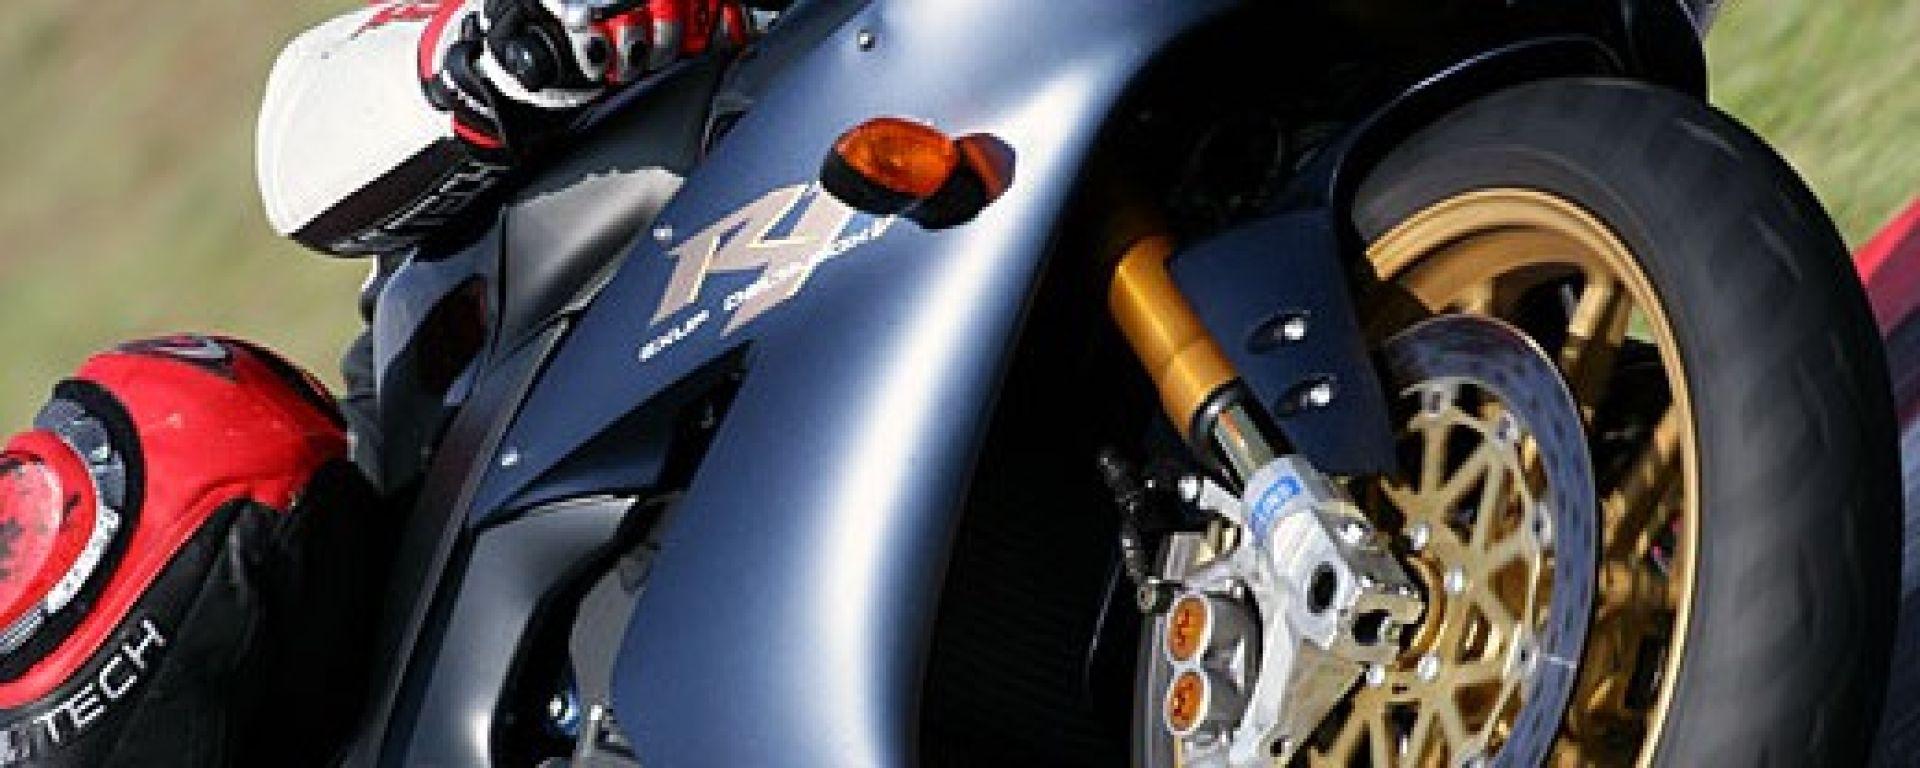 Yamaha R1 2006 & R1SP